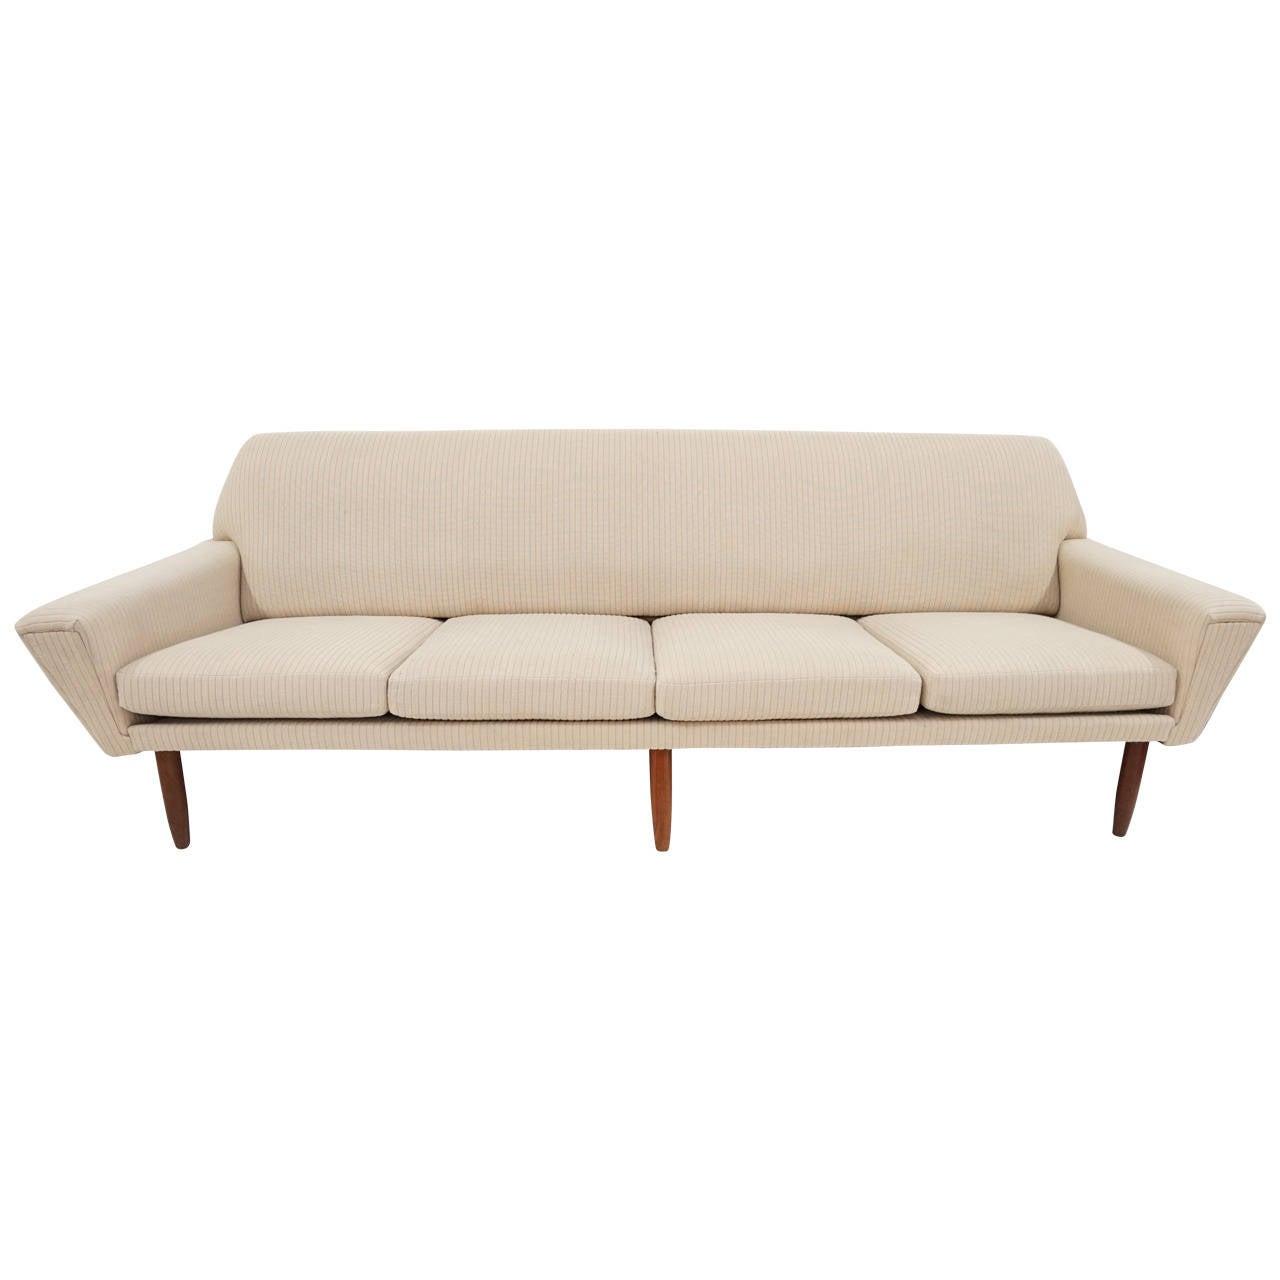 Danish Modern Sofa At 1stdibs